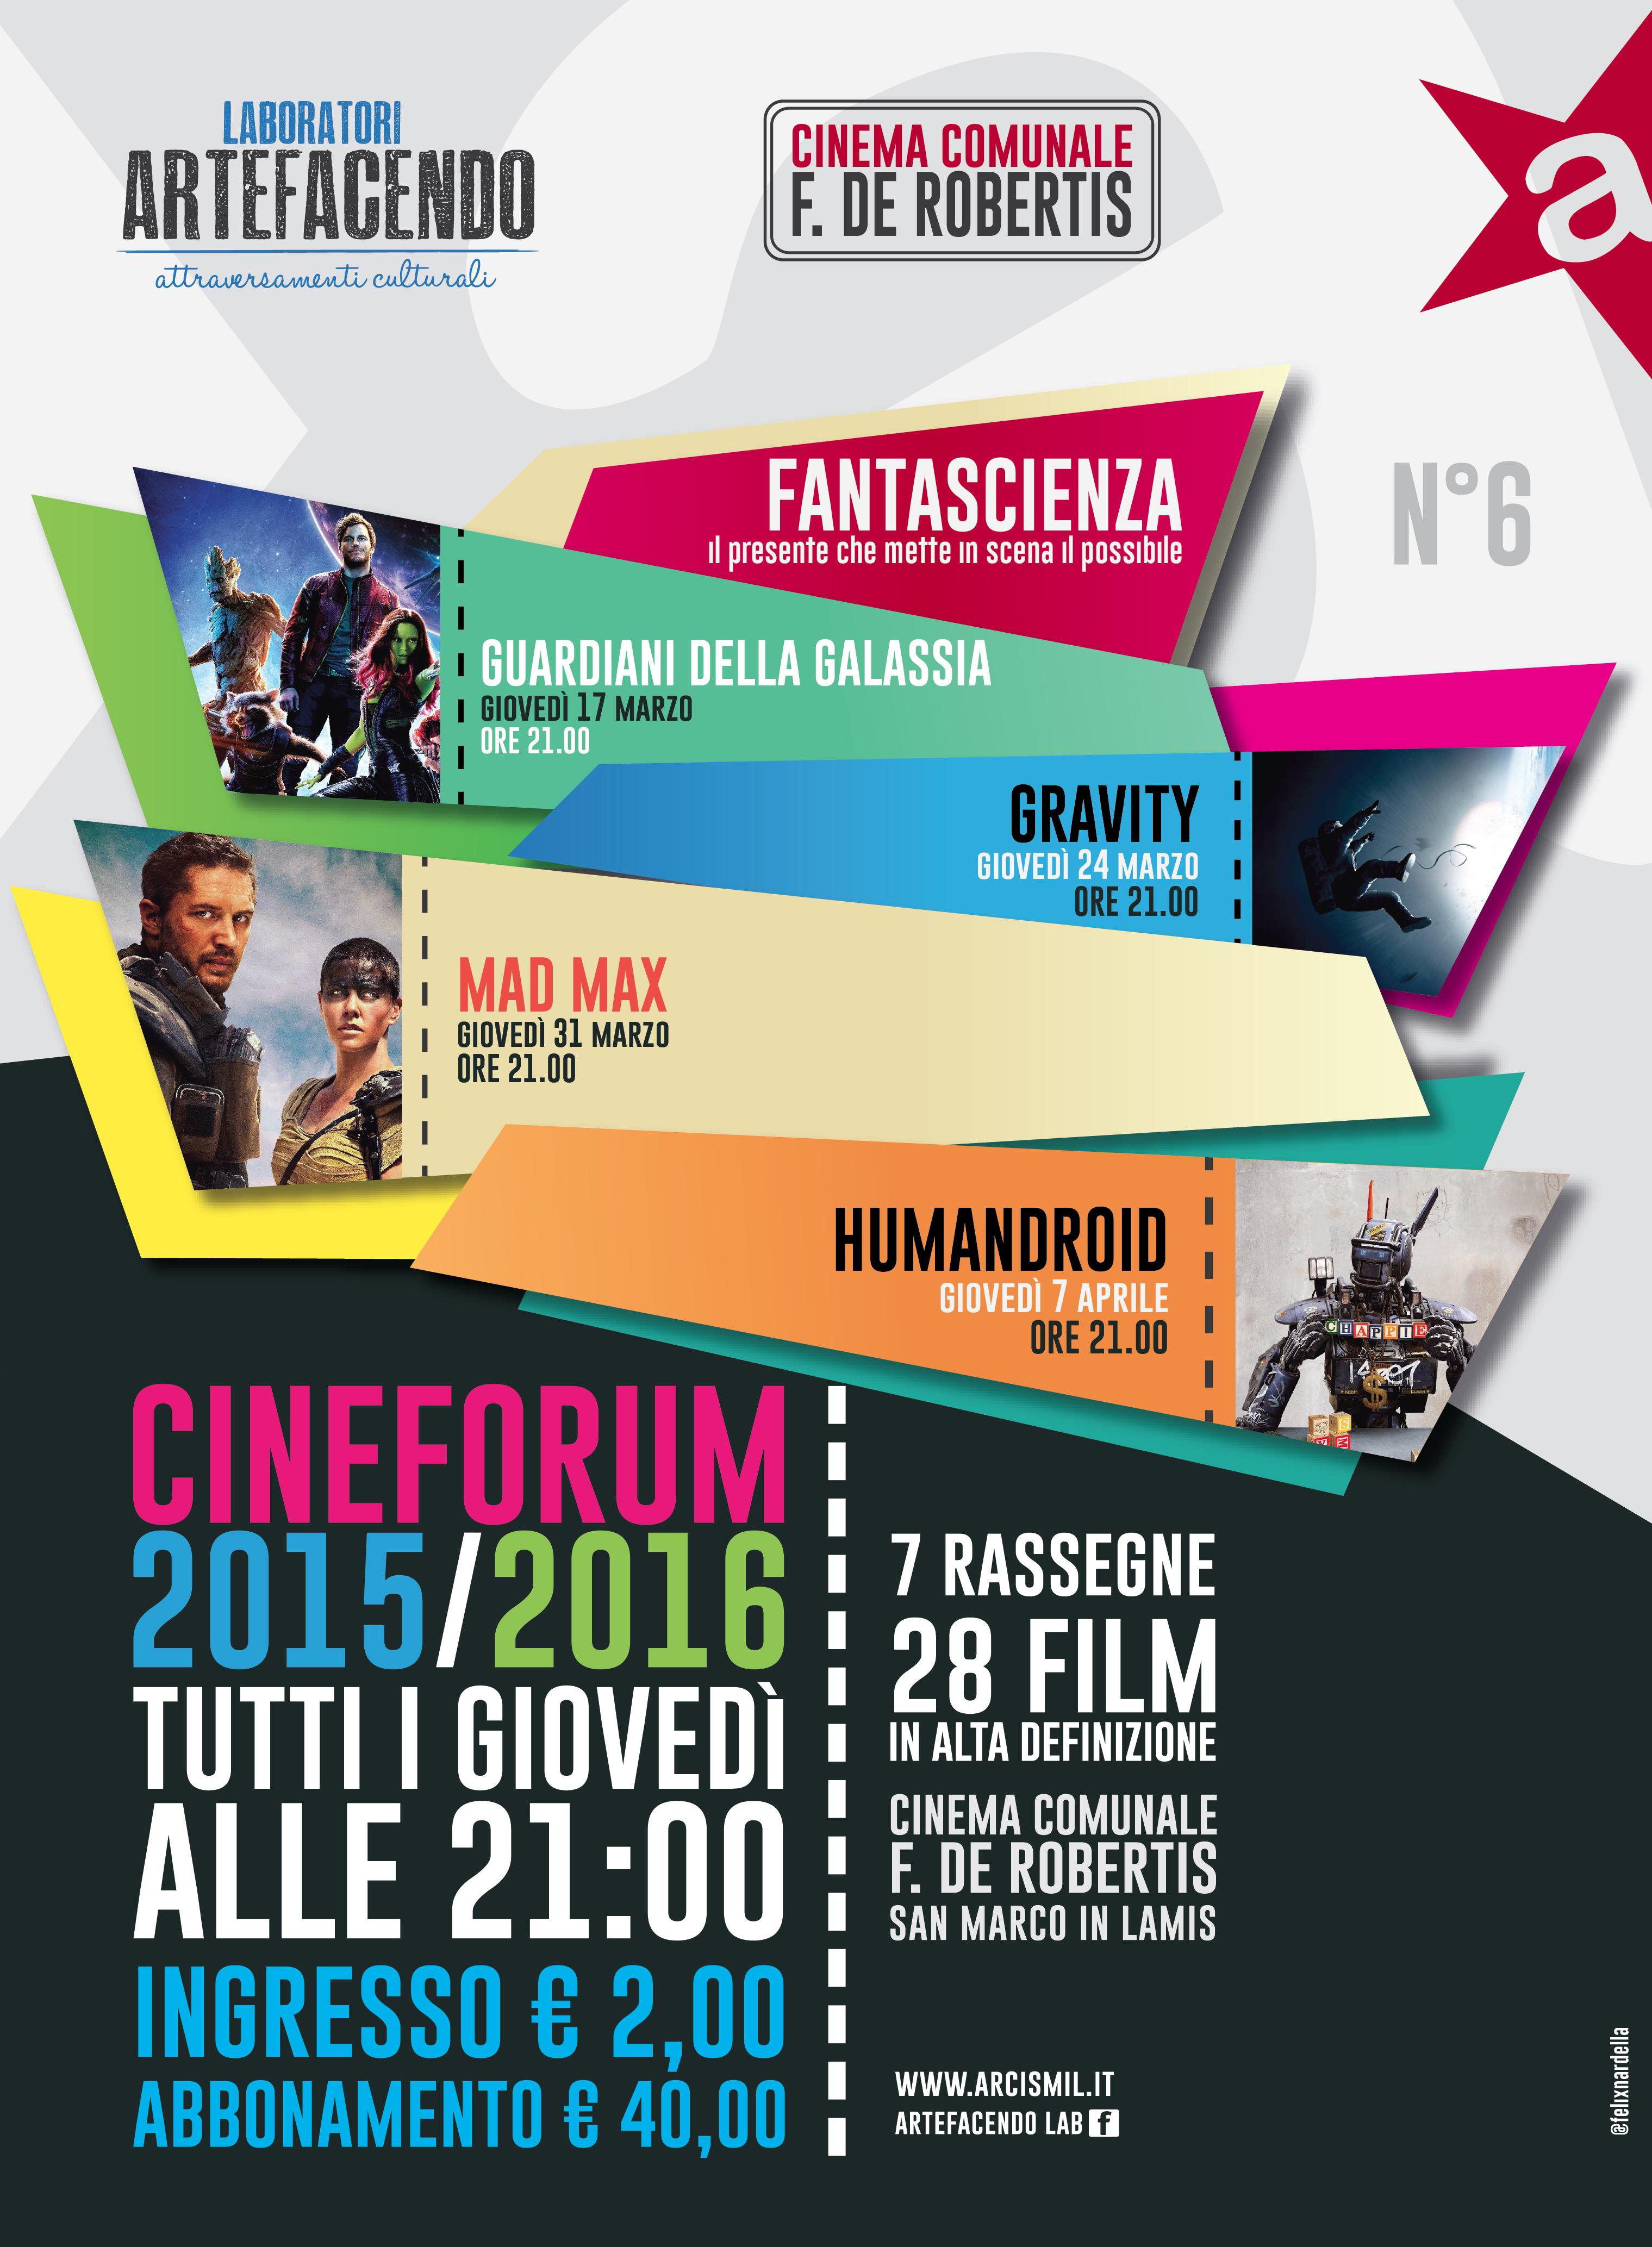 cineforum2015-2016 5